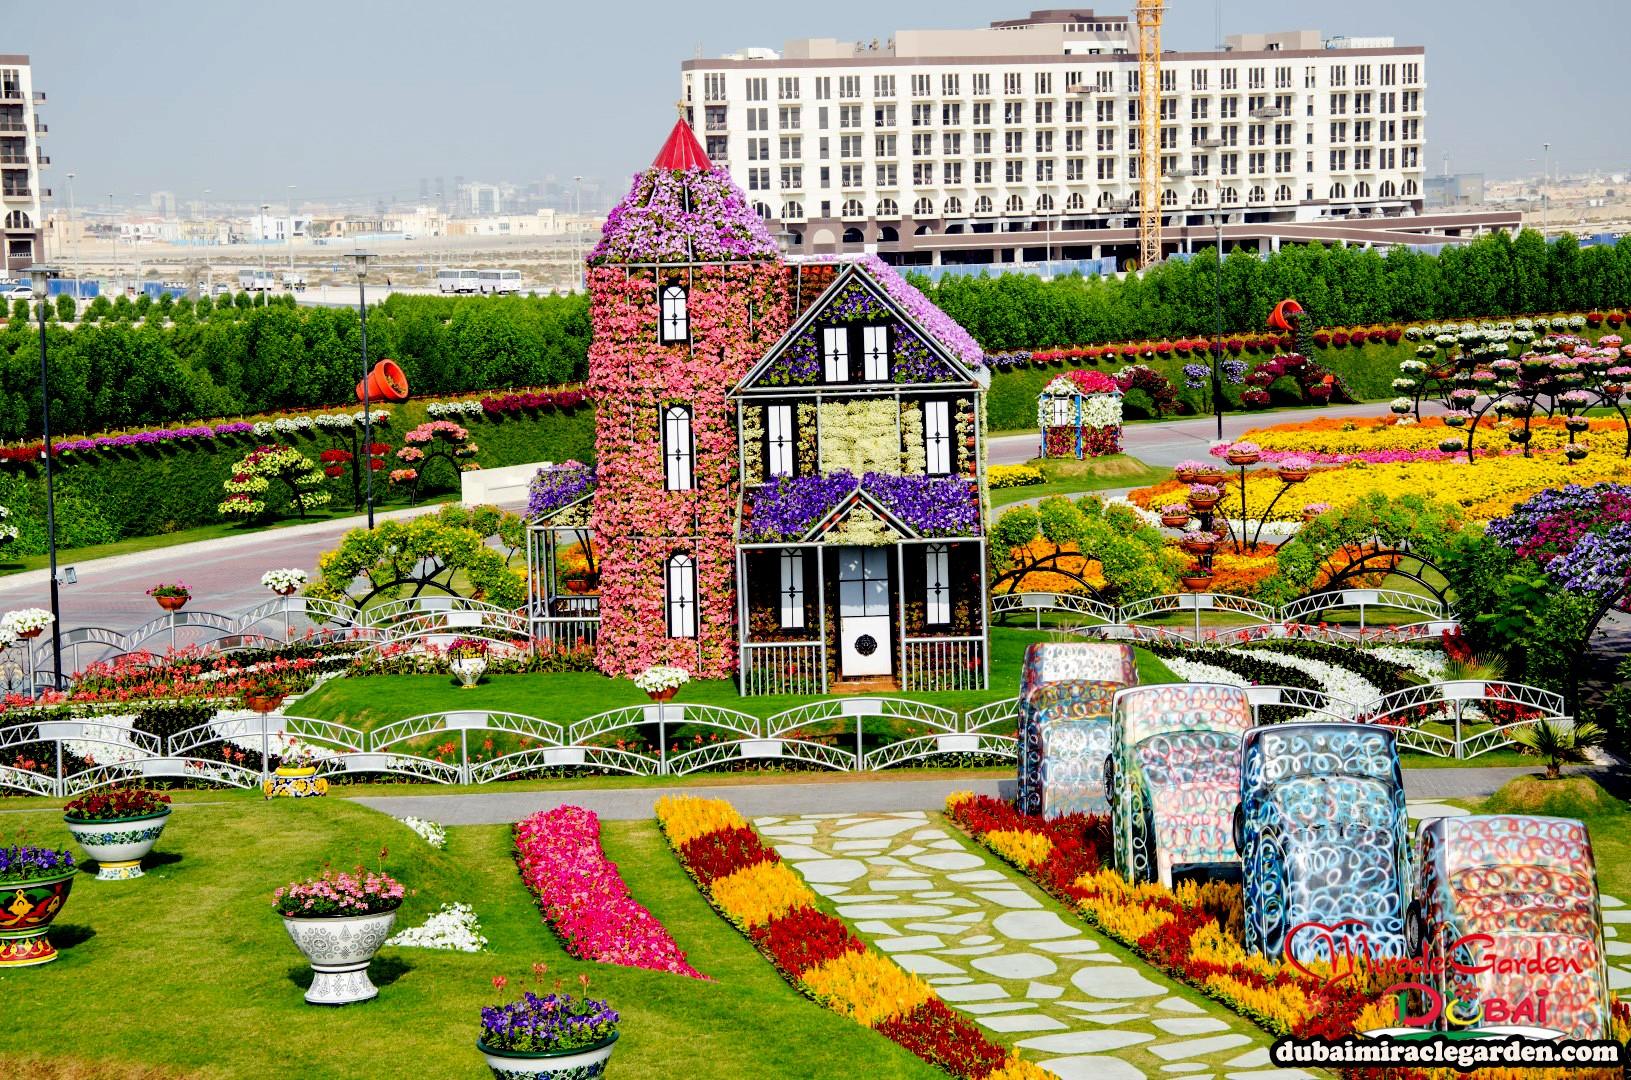 Dubai Miracle Garden 28